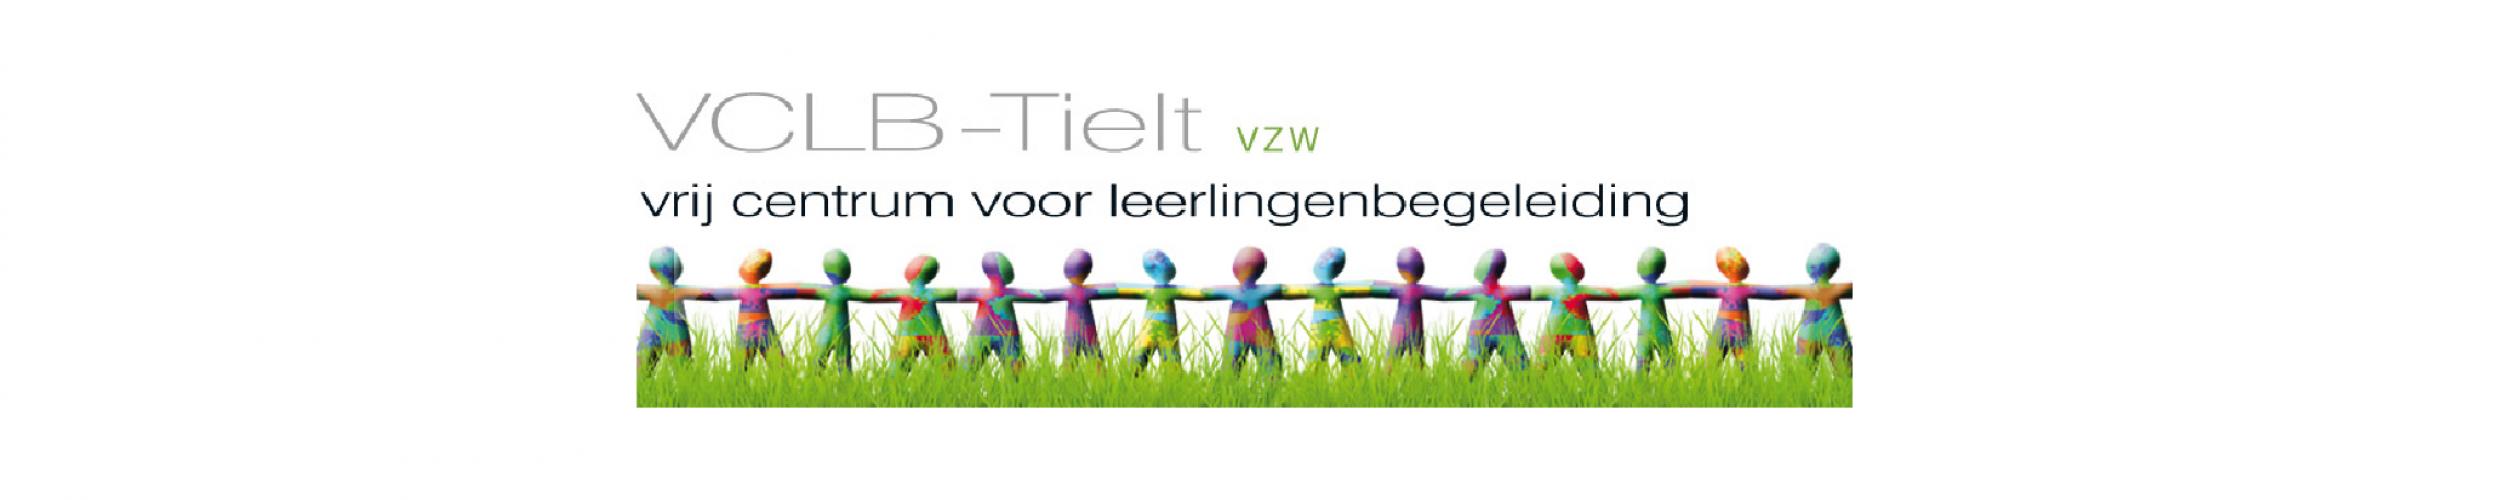 VCLB Tielt